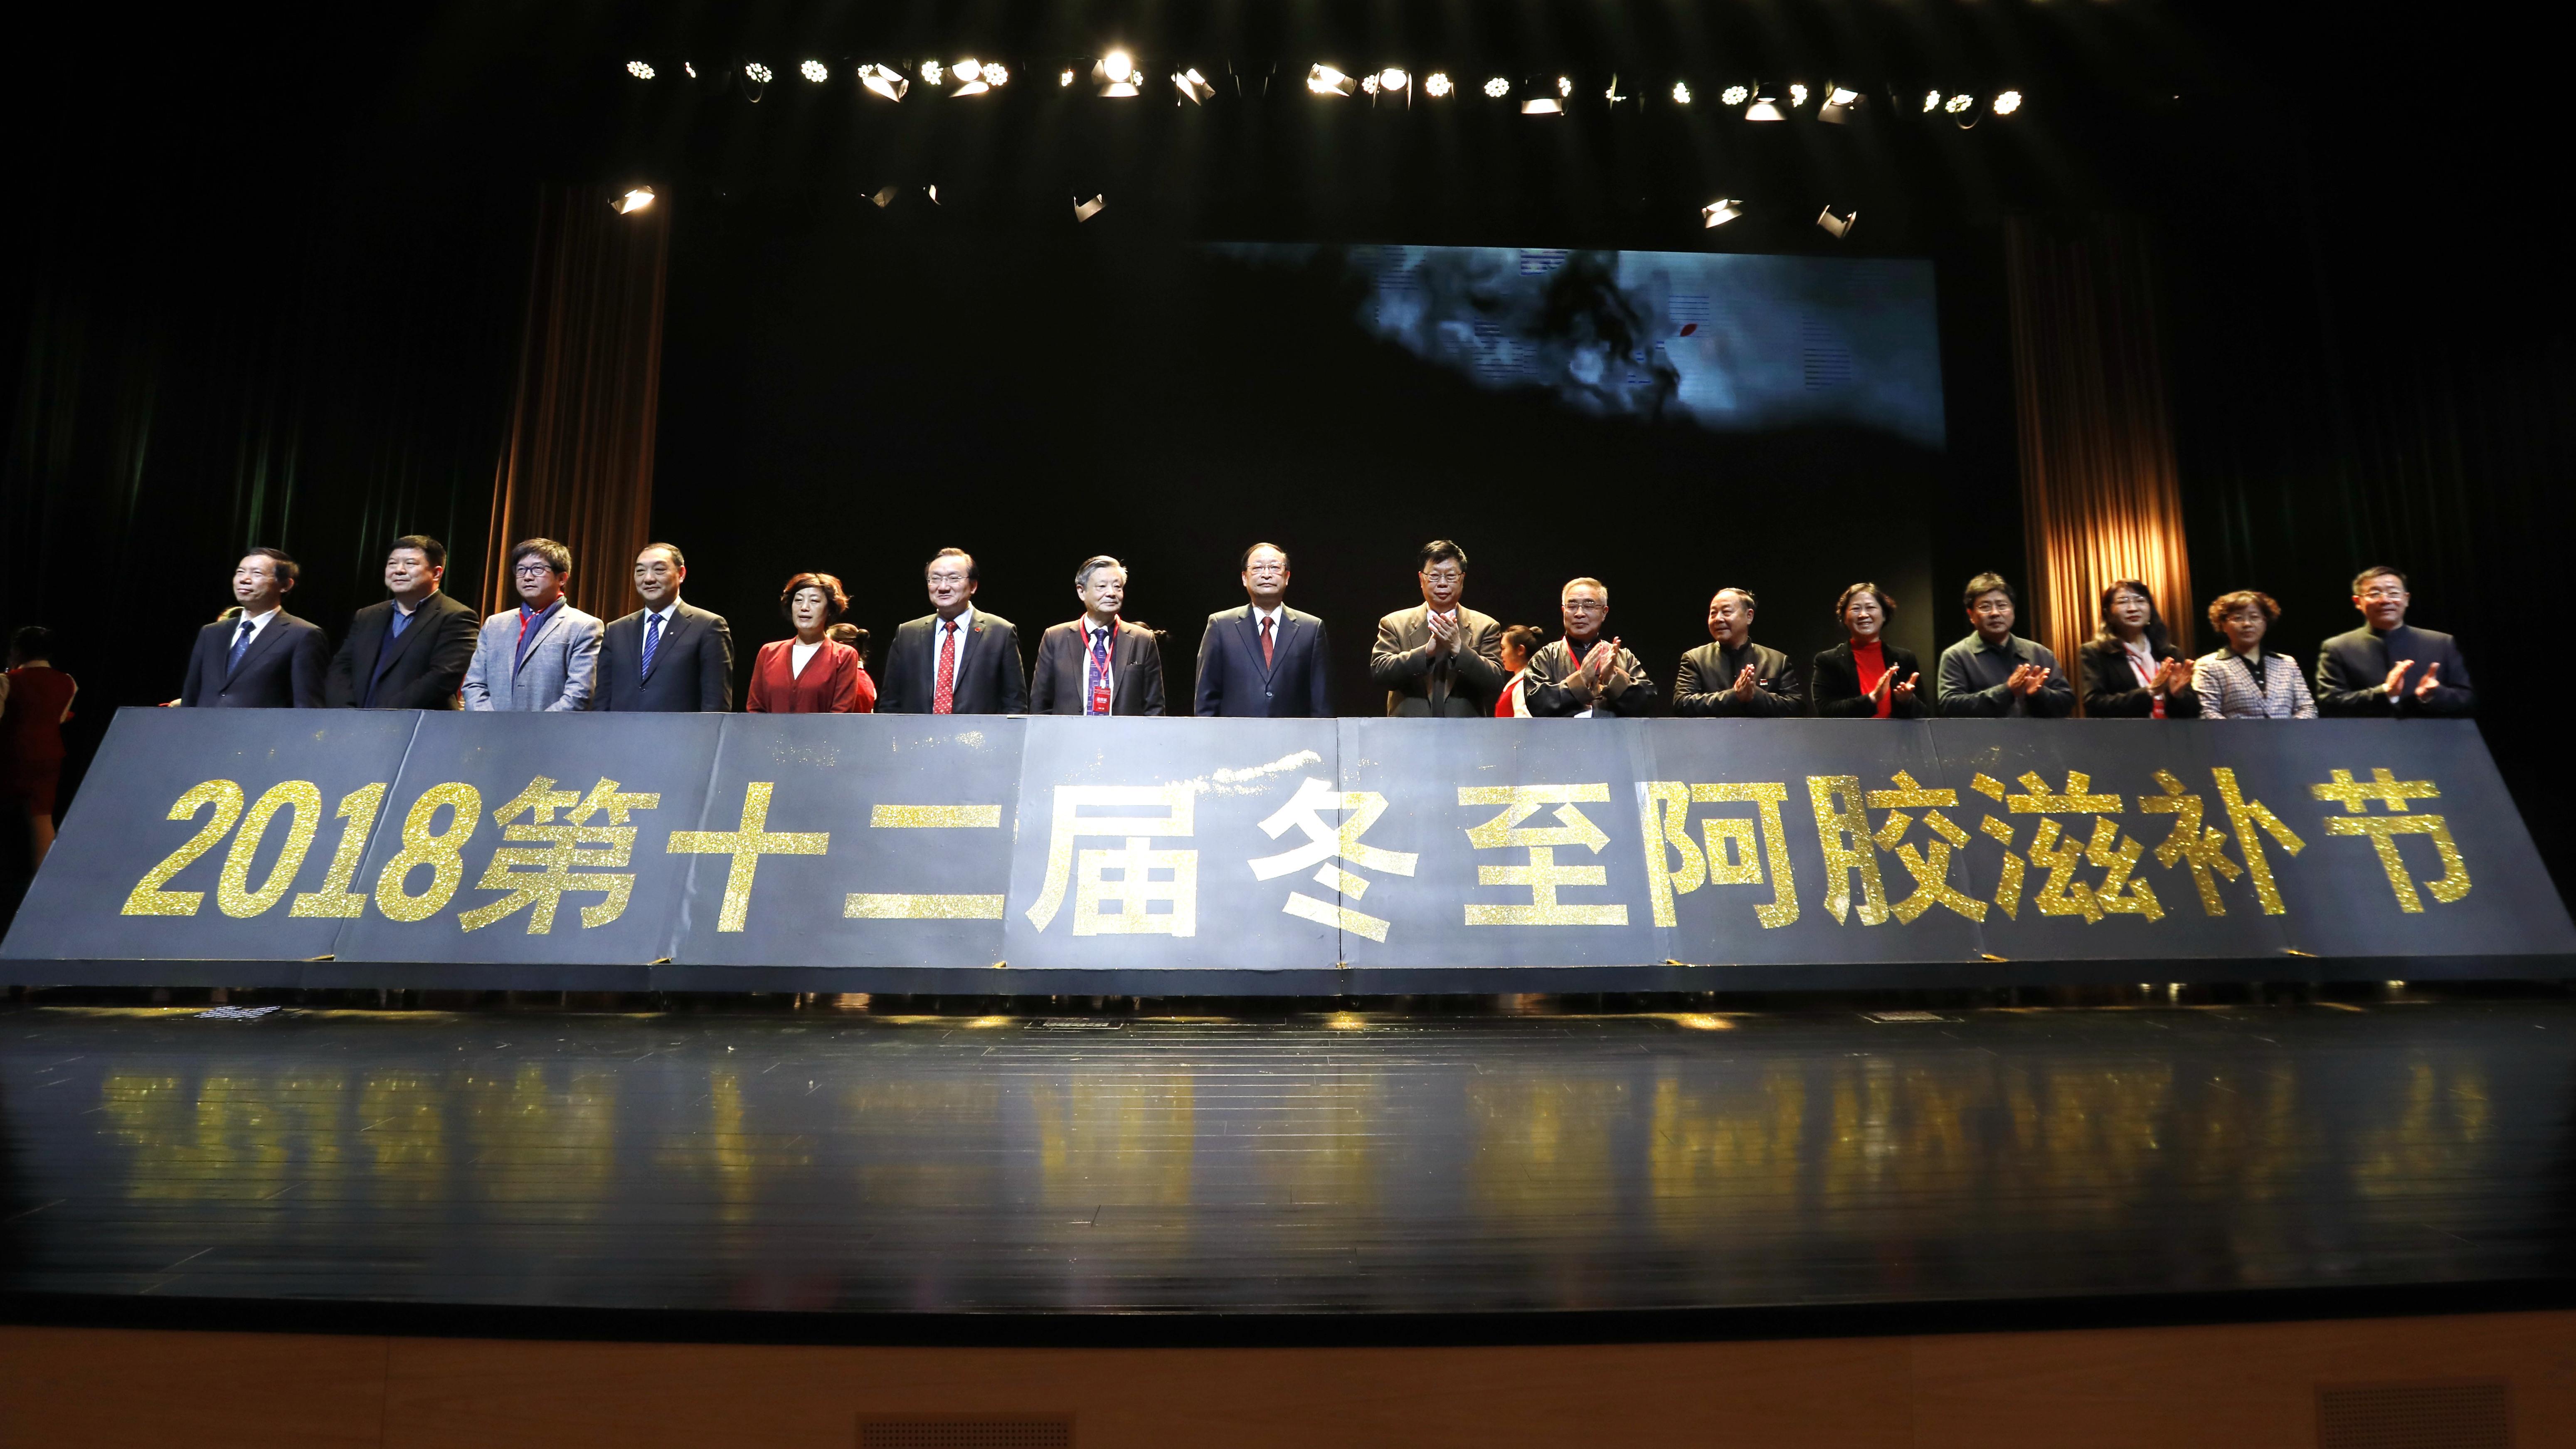 坚定文化自信 推动中医药现代化发展第十二届冬至阿胶滋补节举办